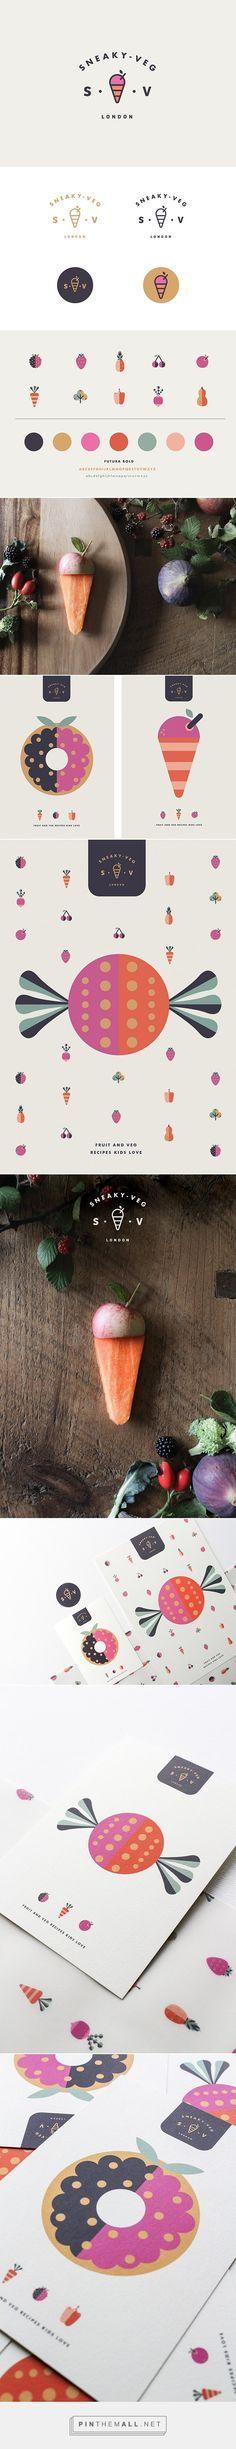 Sneaky Veg Brand Identity on Behance. | branding | design